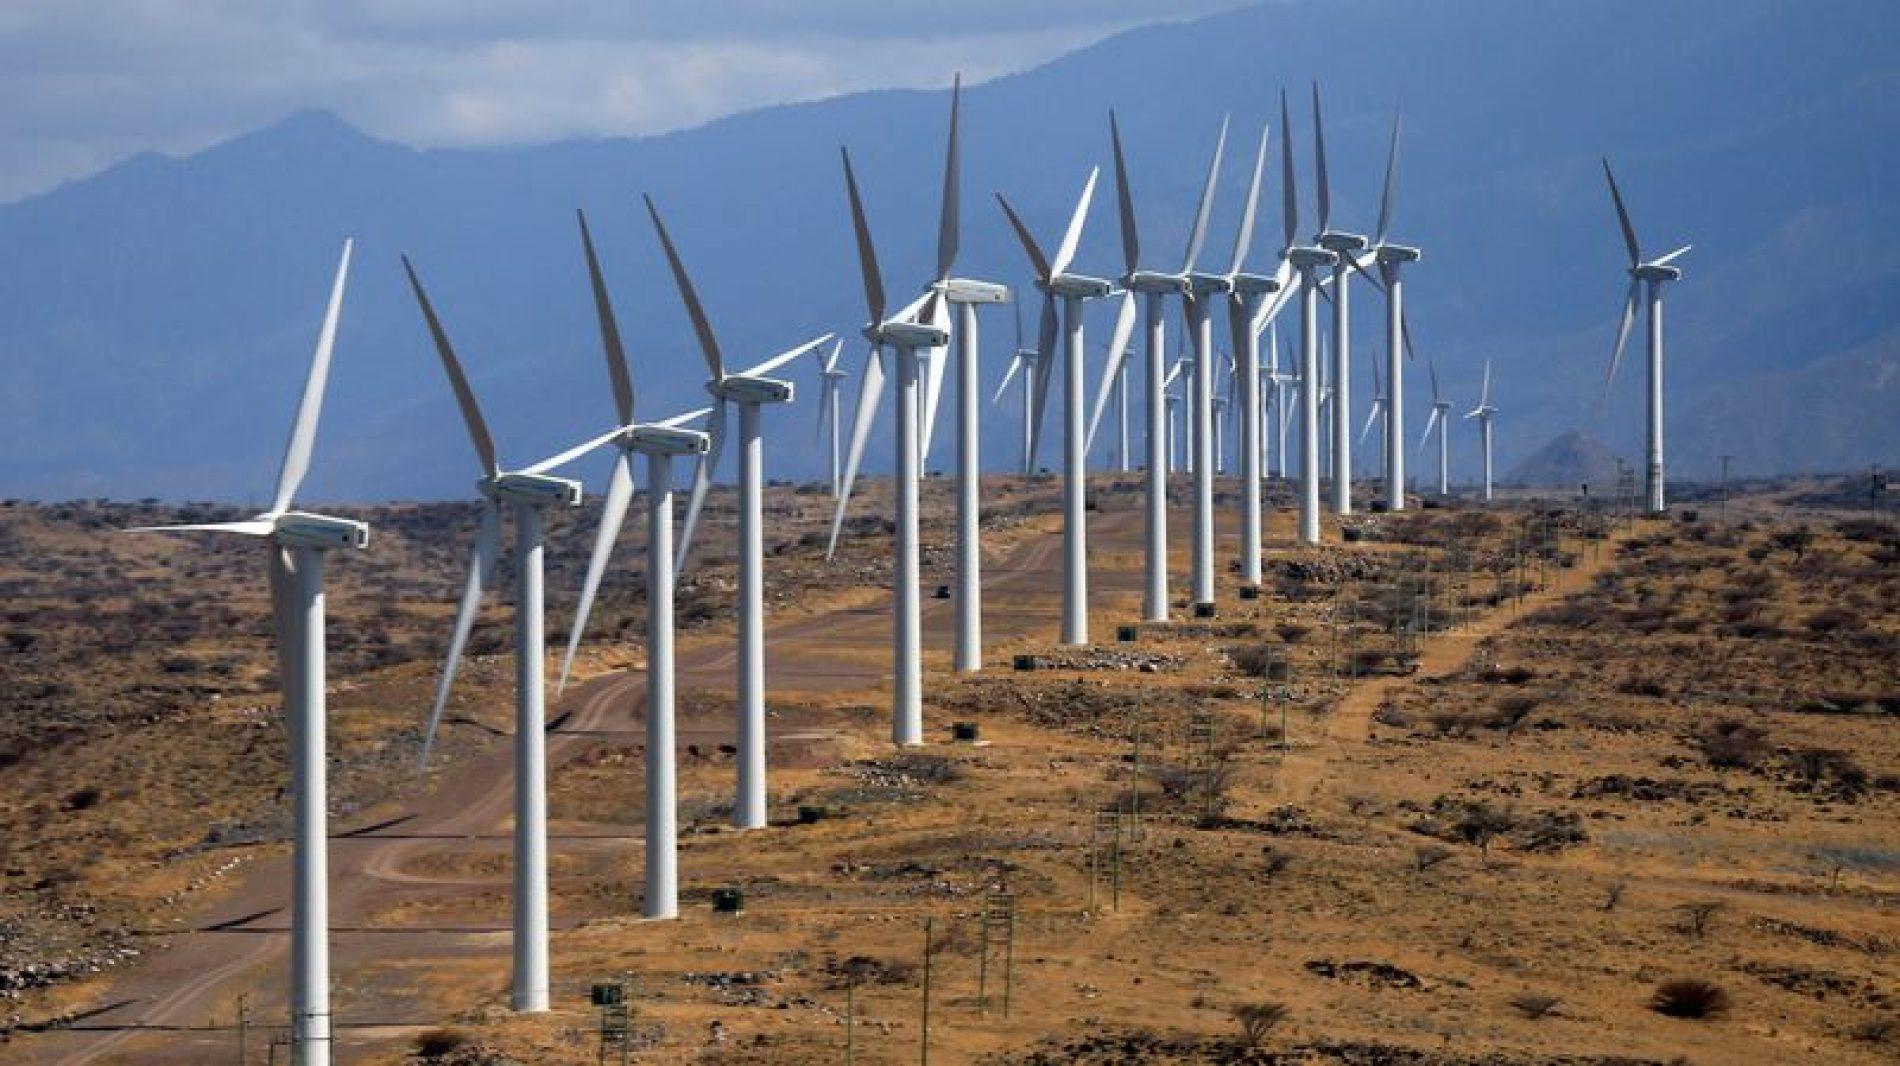 Kenya – Energie Renouvelable : Le plus grand parc éolien d'Afrique inauguré